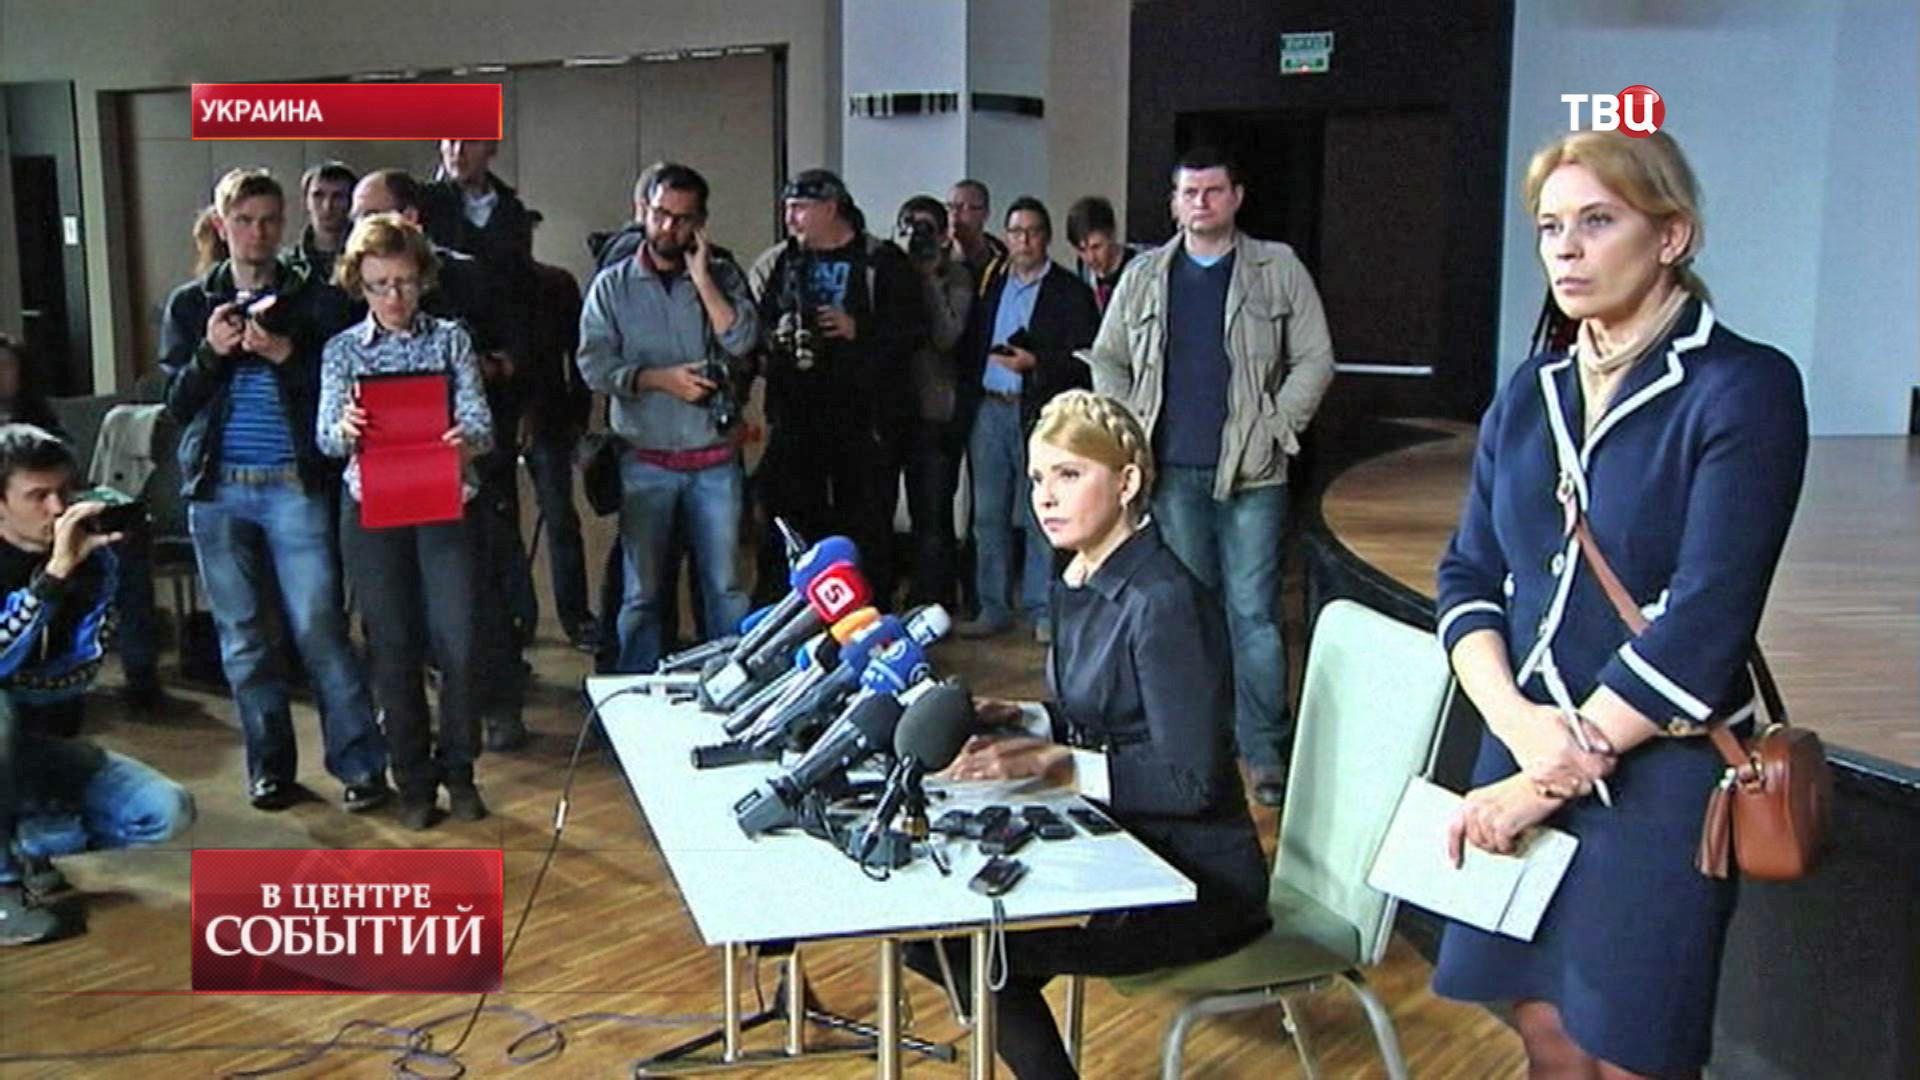 Кандидат в президенты Украины Юлия Тимошенко на пресс-конференции